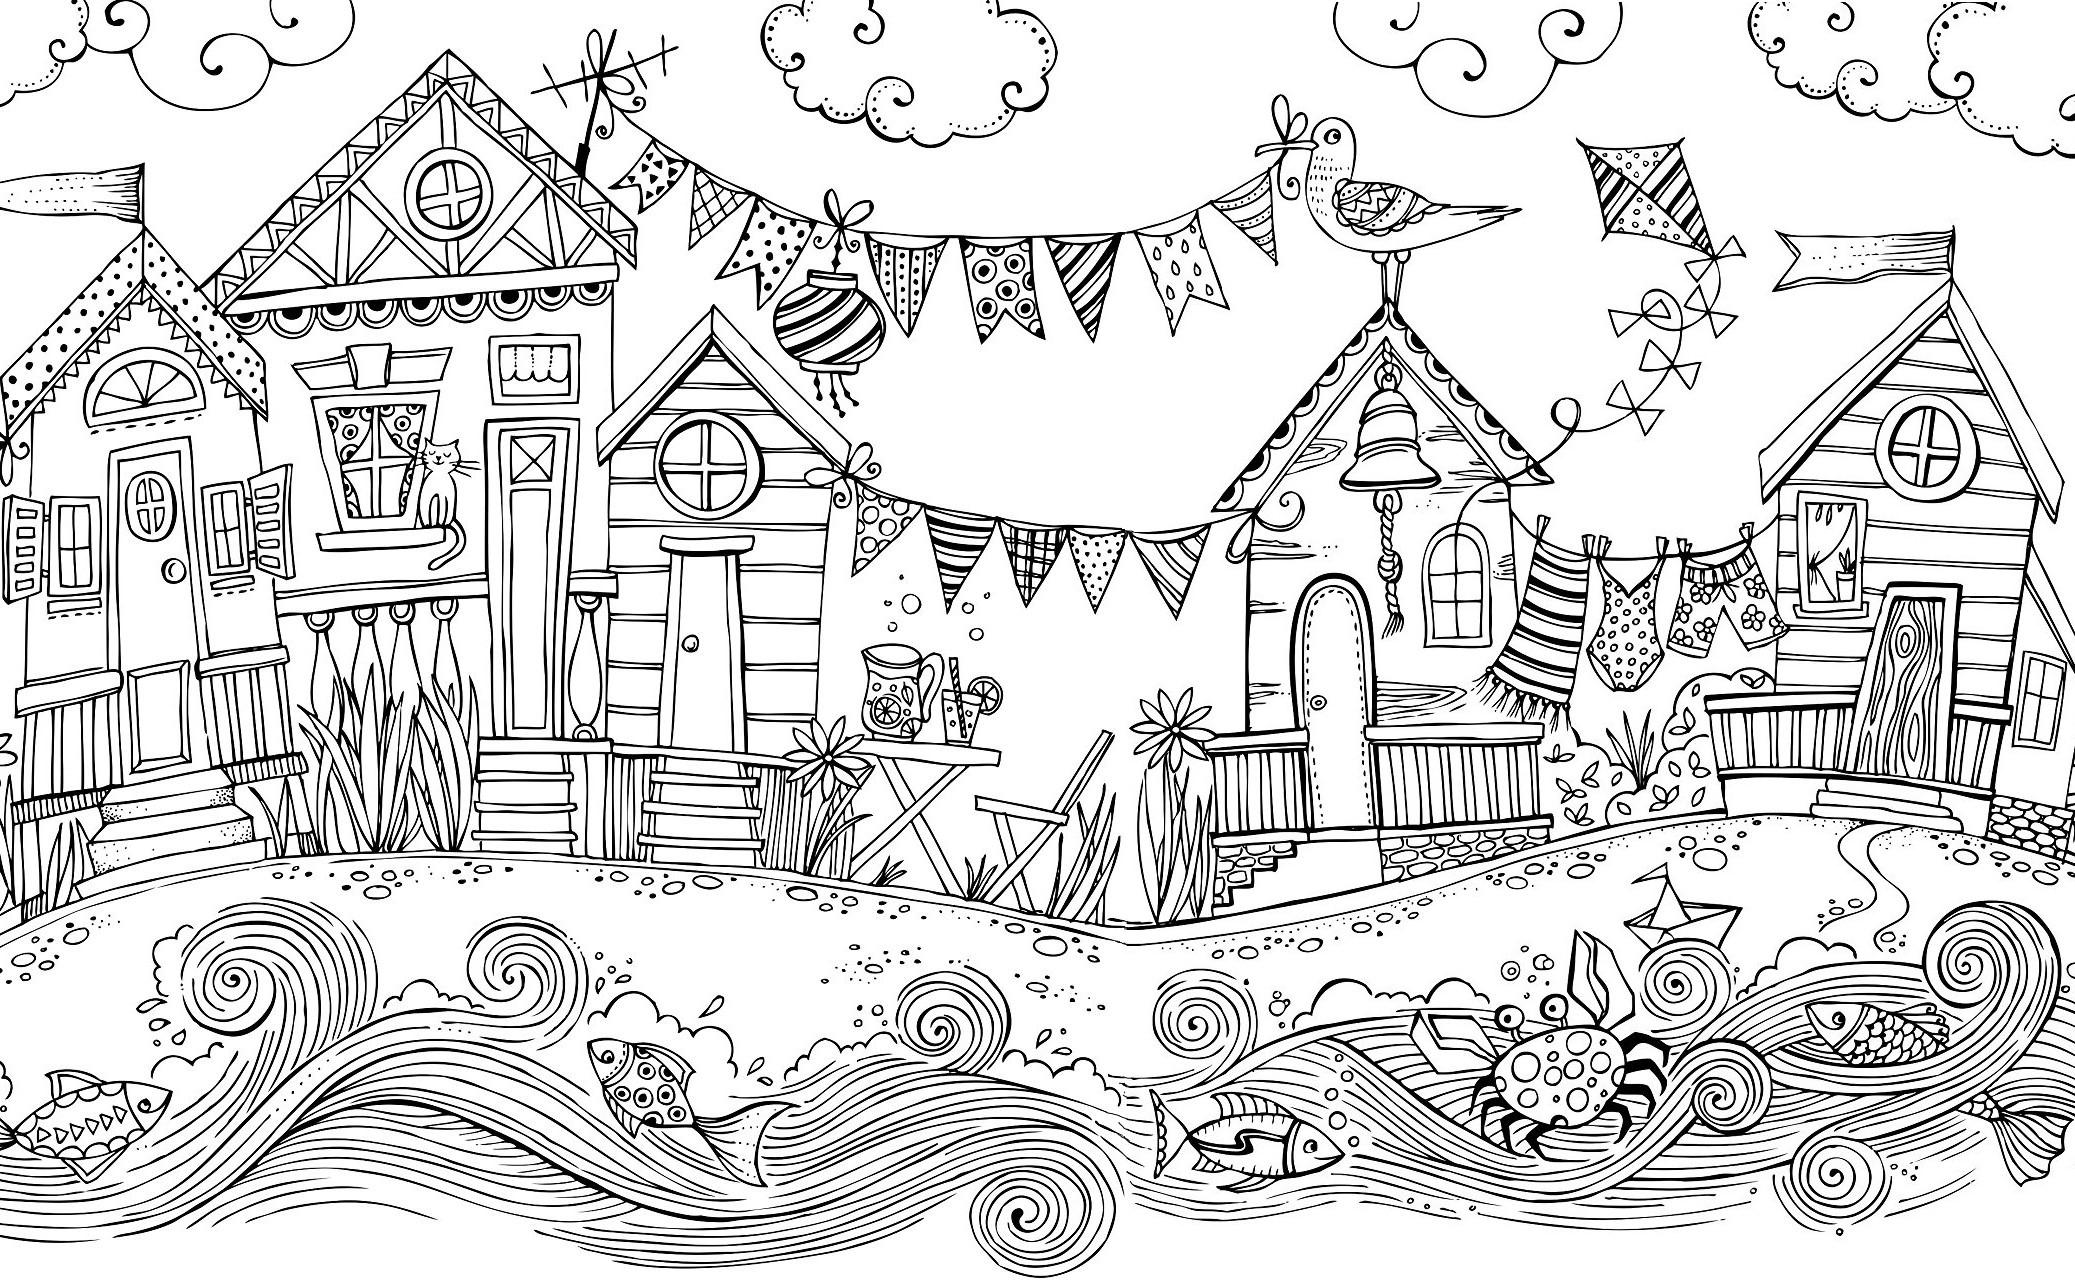 Деревня на берегу реки - Города - Раскраски антистресс